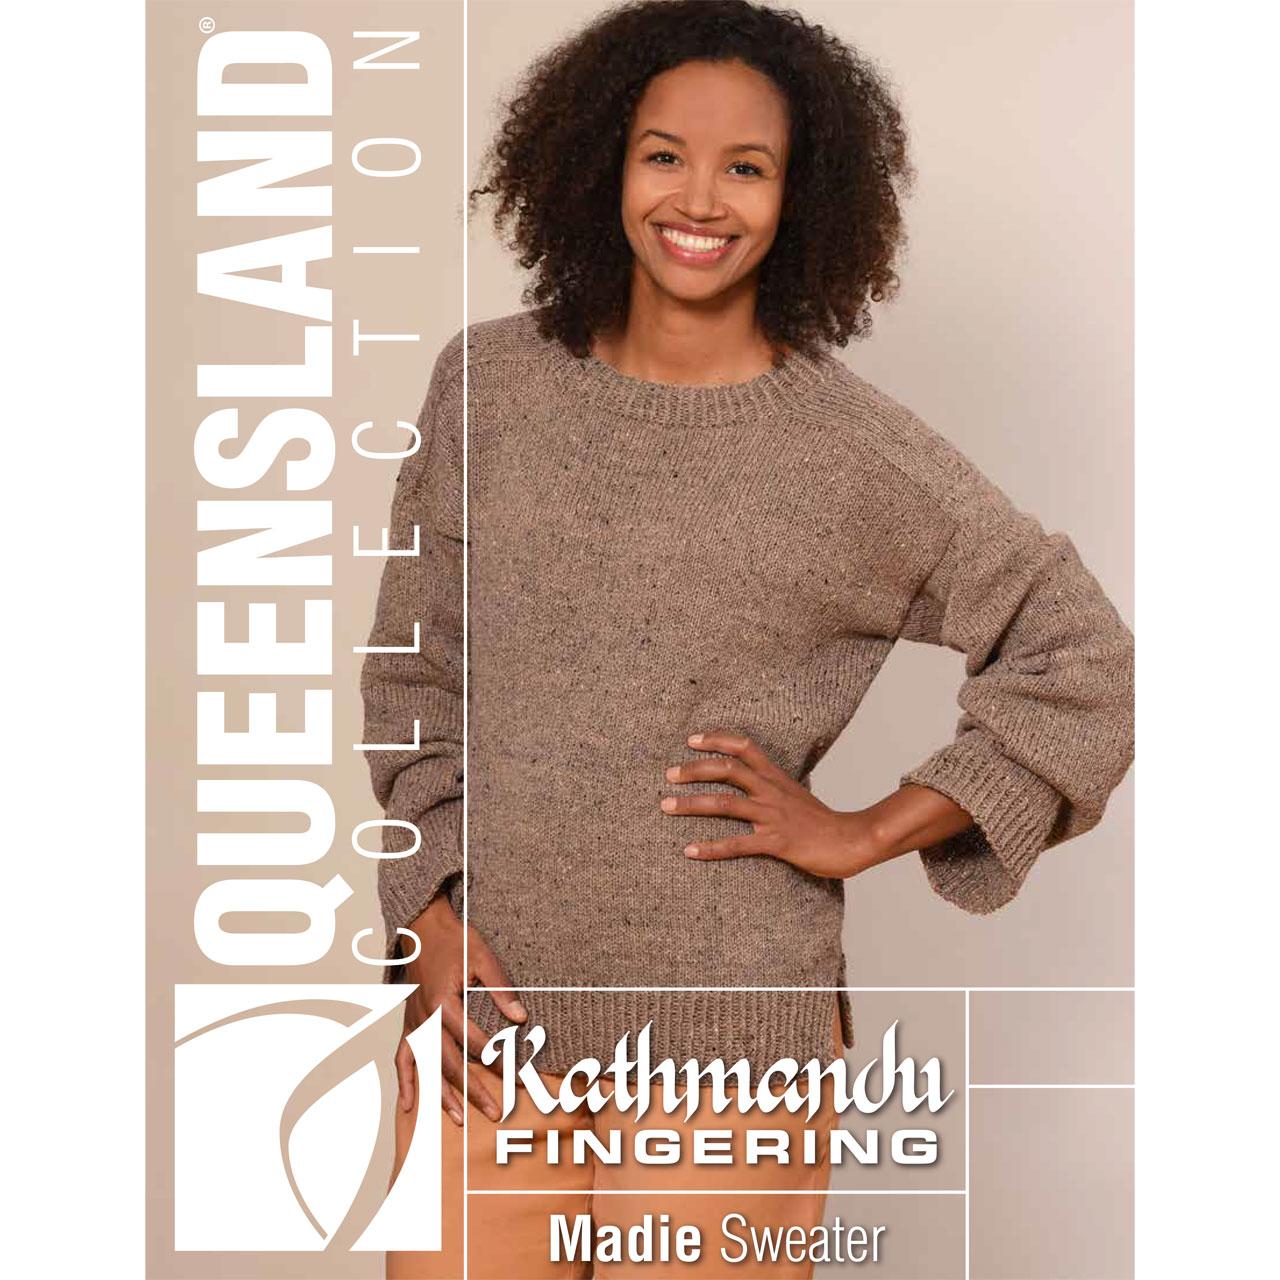 madie-sweater.jpg